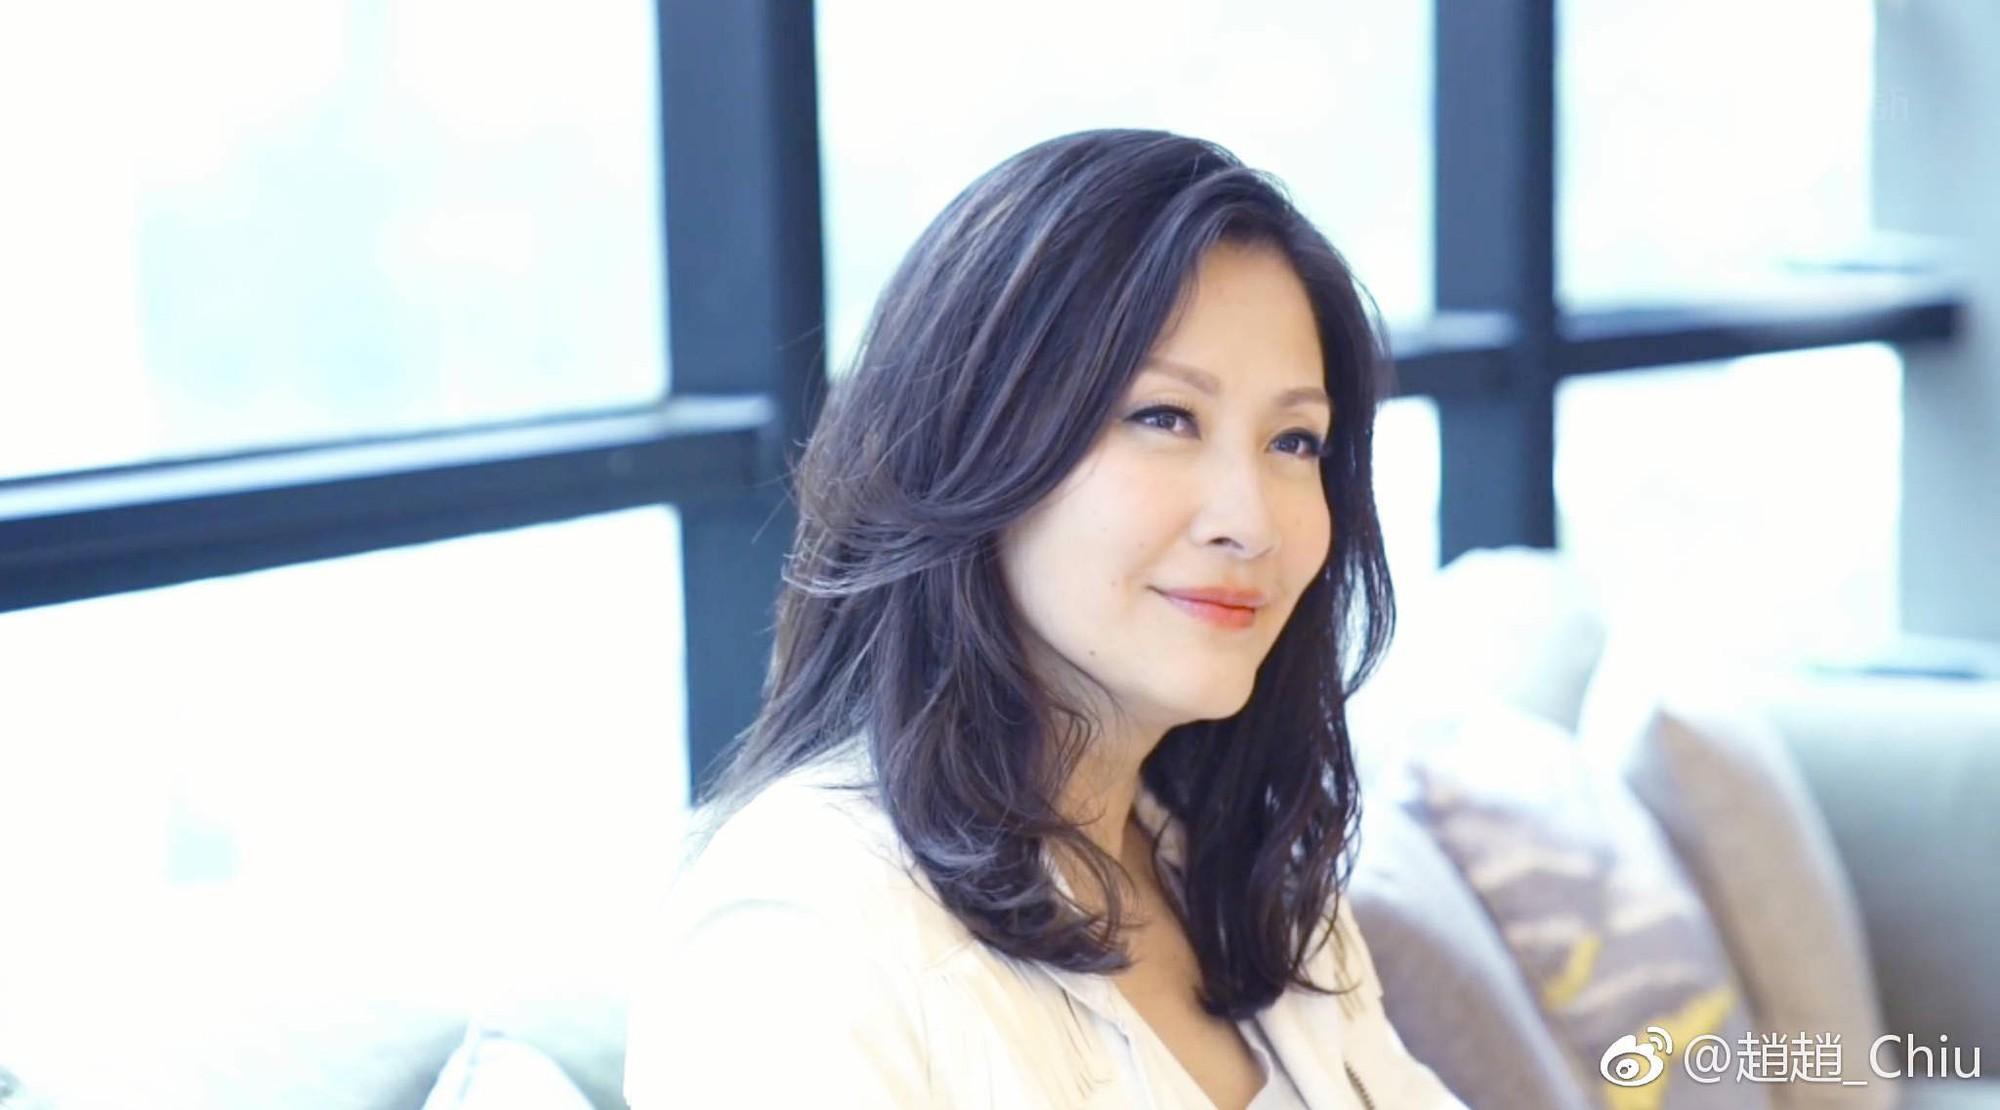 Thị Hậu TVB Trần Tuệ San: 2 lần lên xe hoa, oằn mình nuôi gia đình khi chồng đại gia phá sản - Ảnh 8.